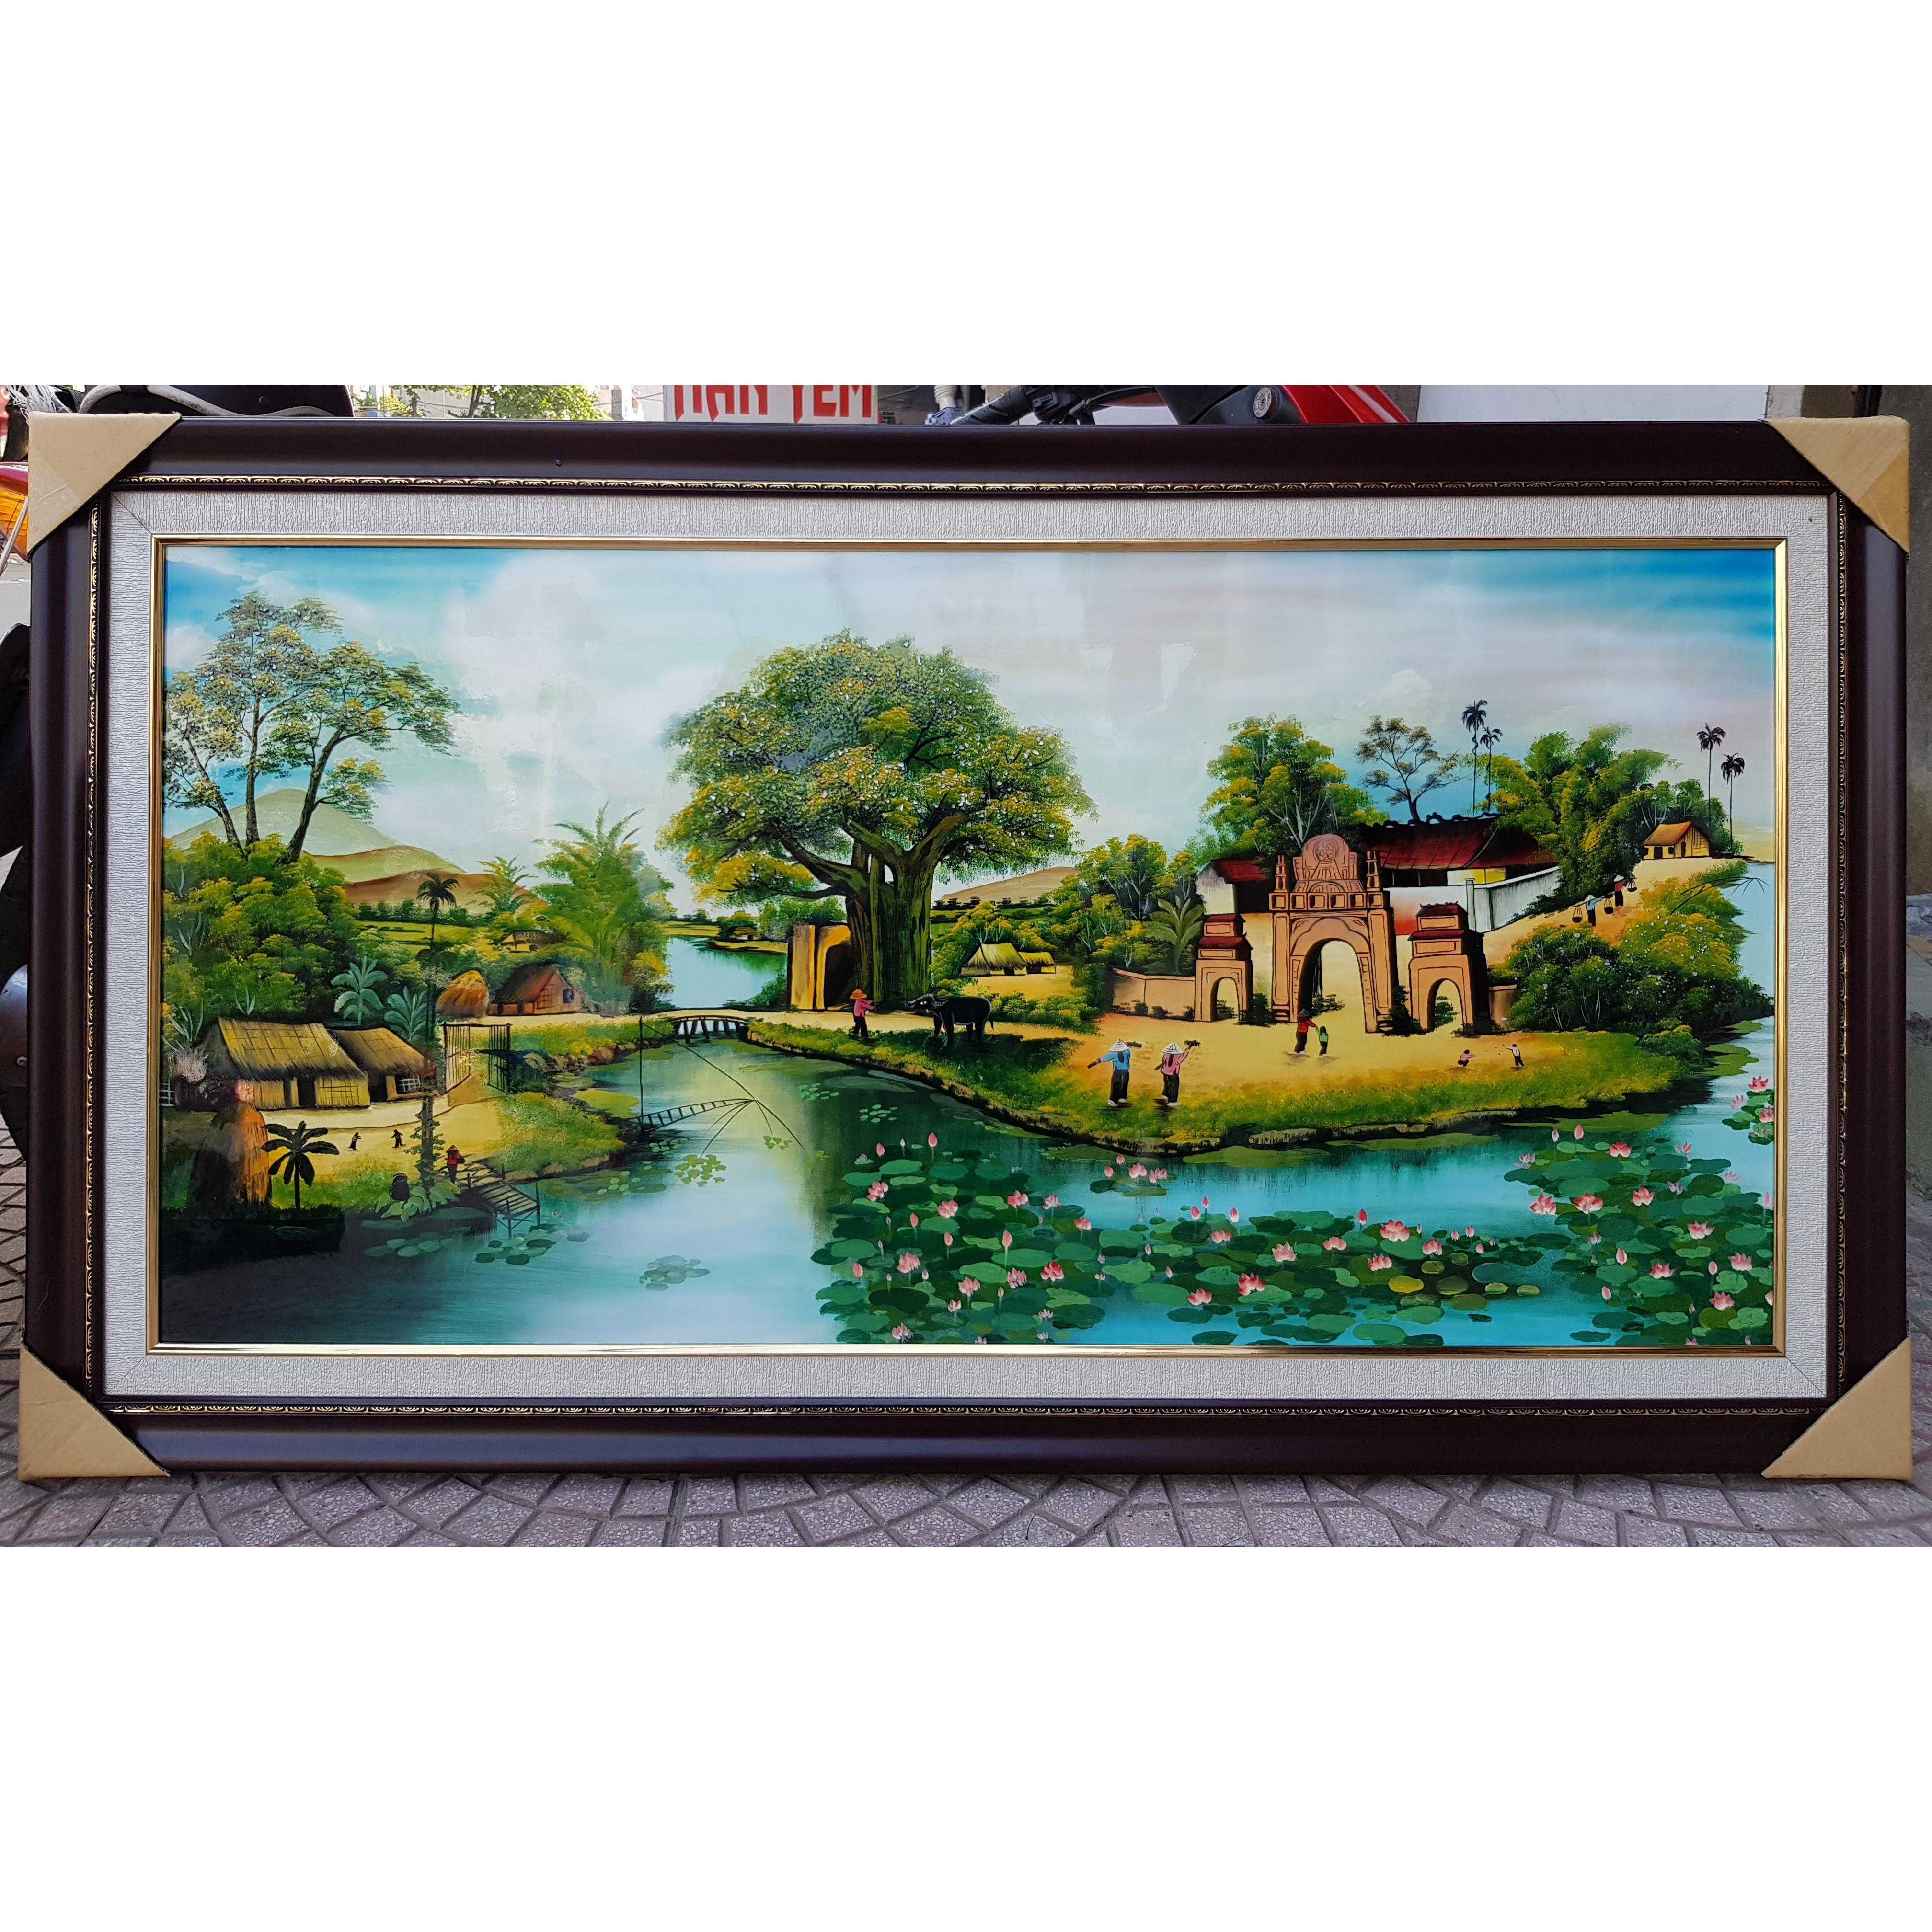 Tranh vẽ sơn mài -Phong Cảnh Cây Đa Cổng Làng- Làng Quên Yên Bình-SM282